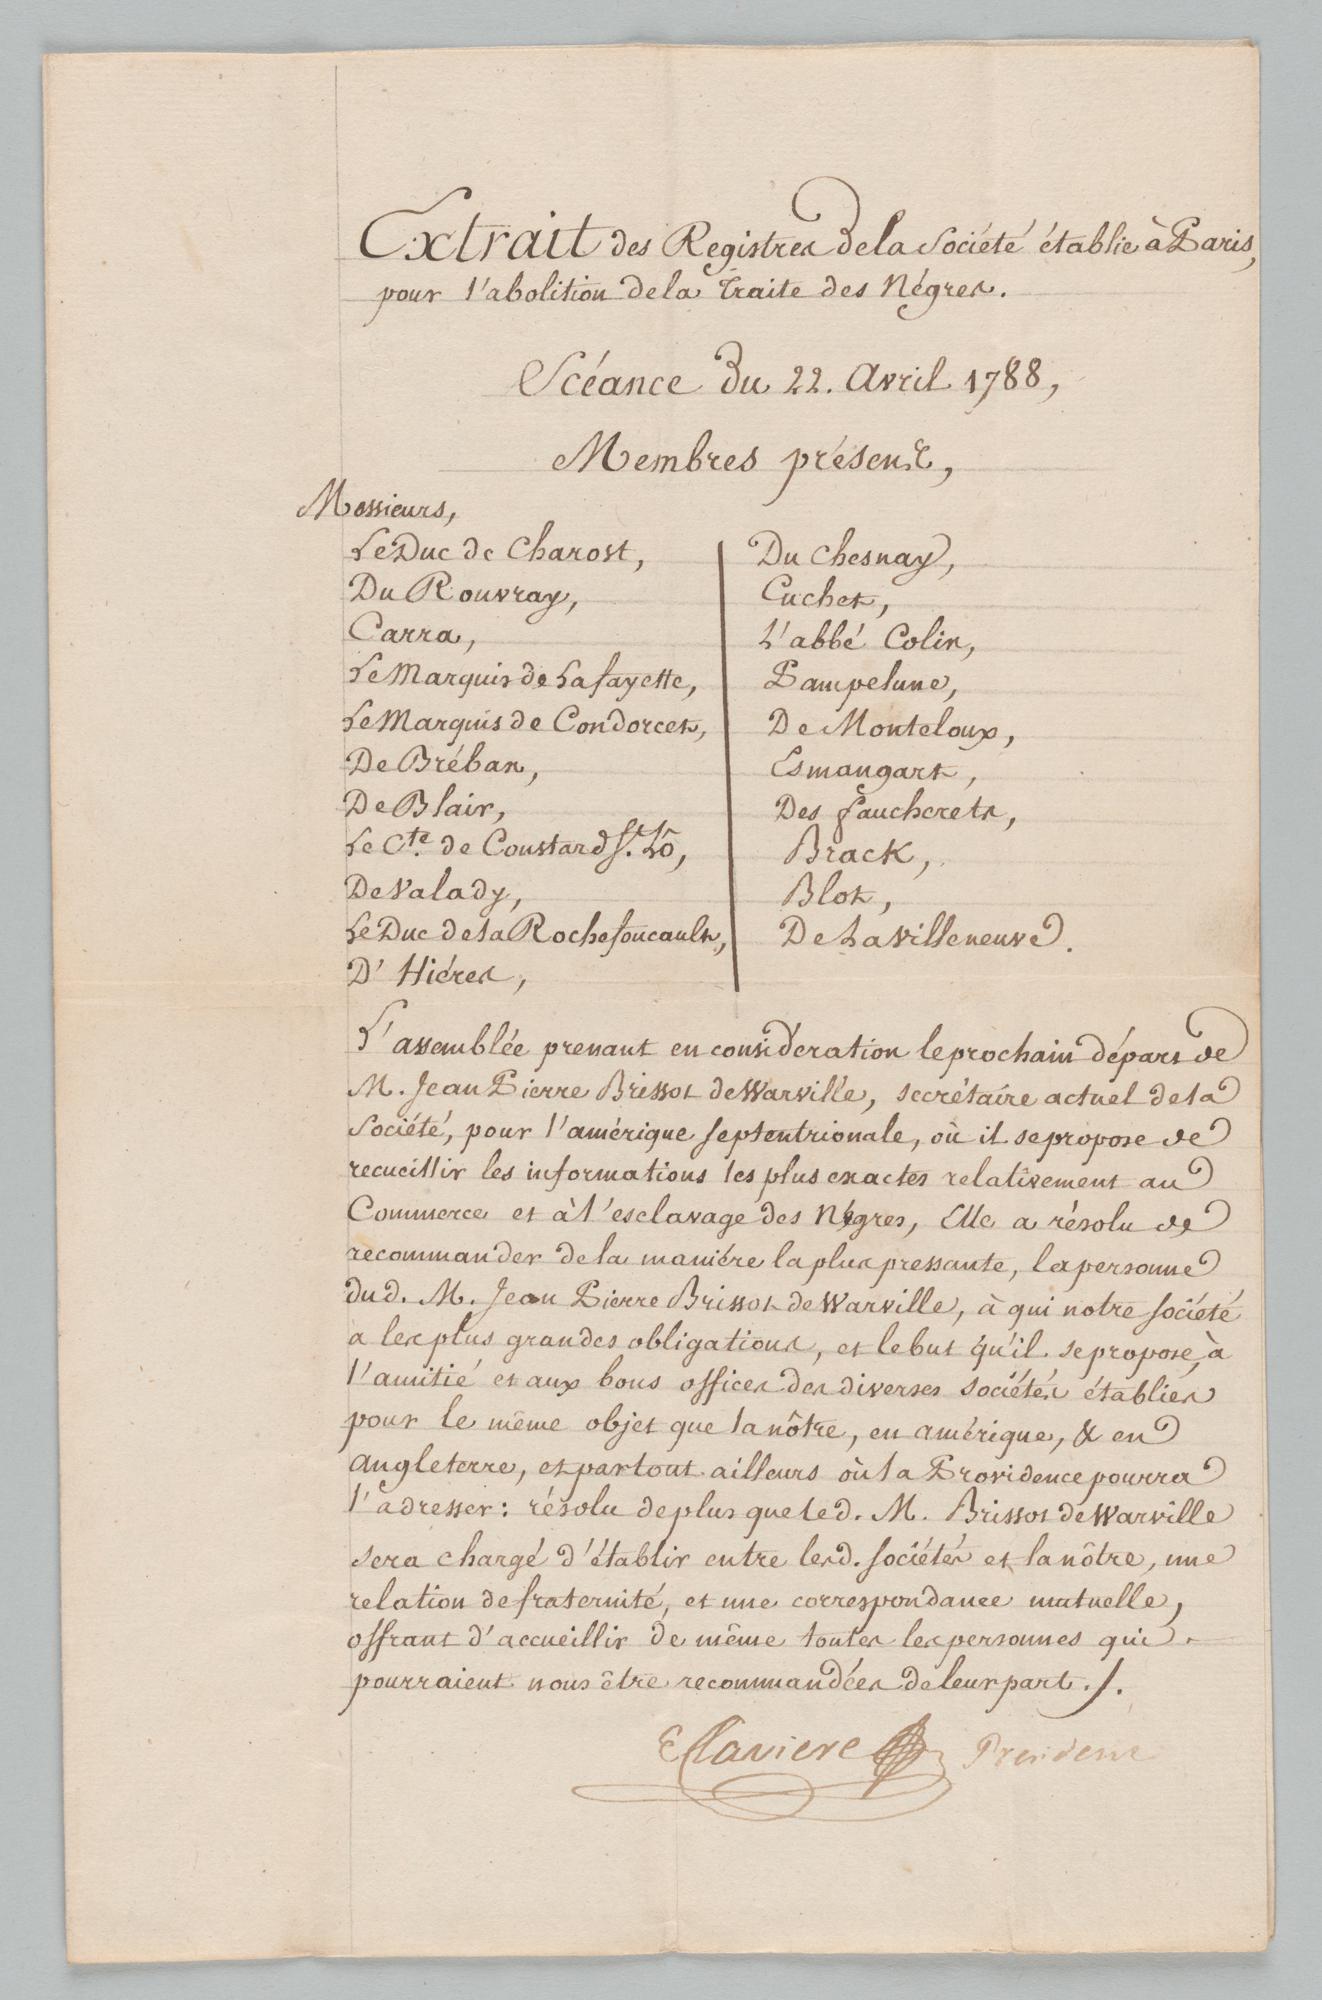 Extrait des Registres de las Societe etablie a Paris, pour l'abolition de la Traite des Negres, front